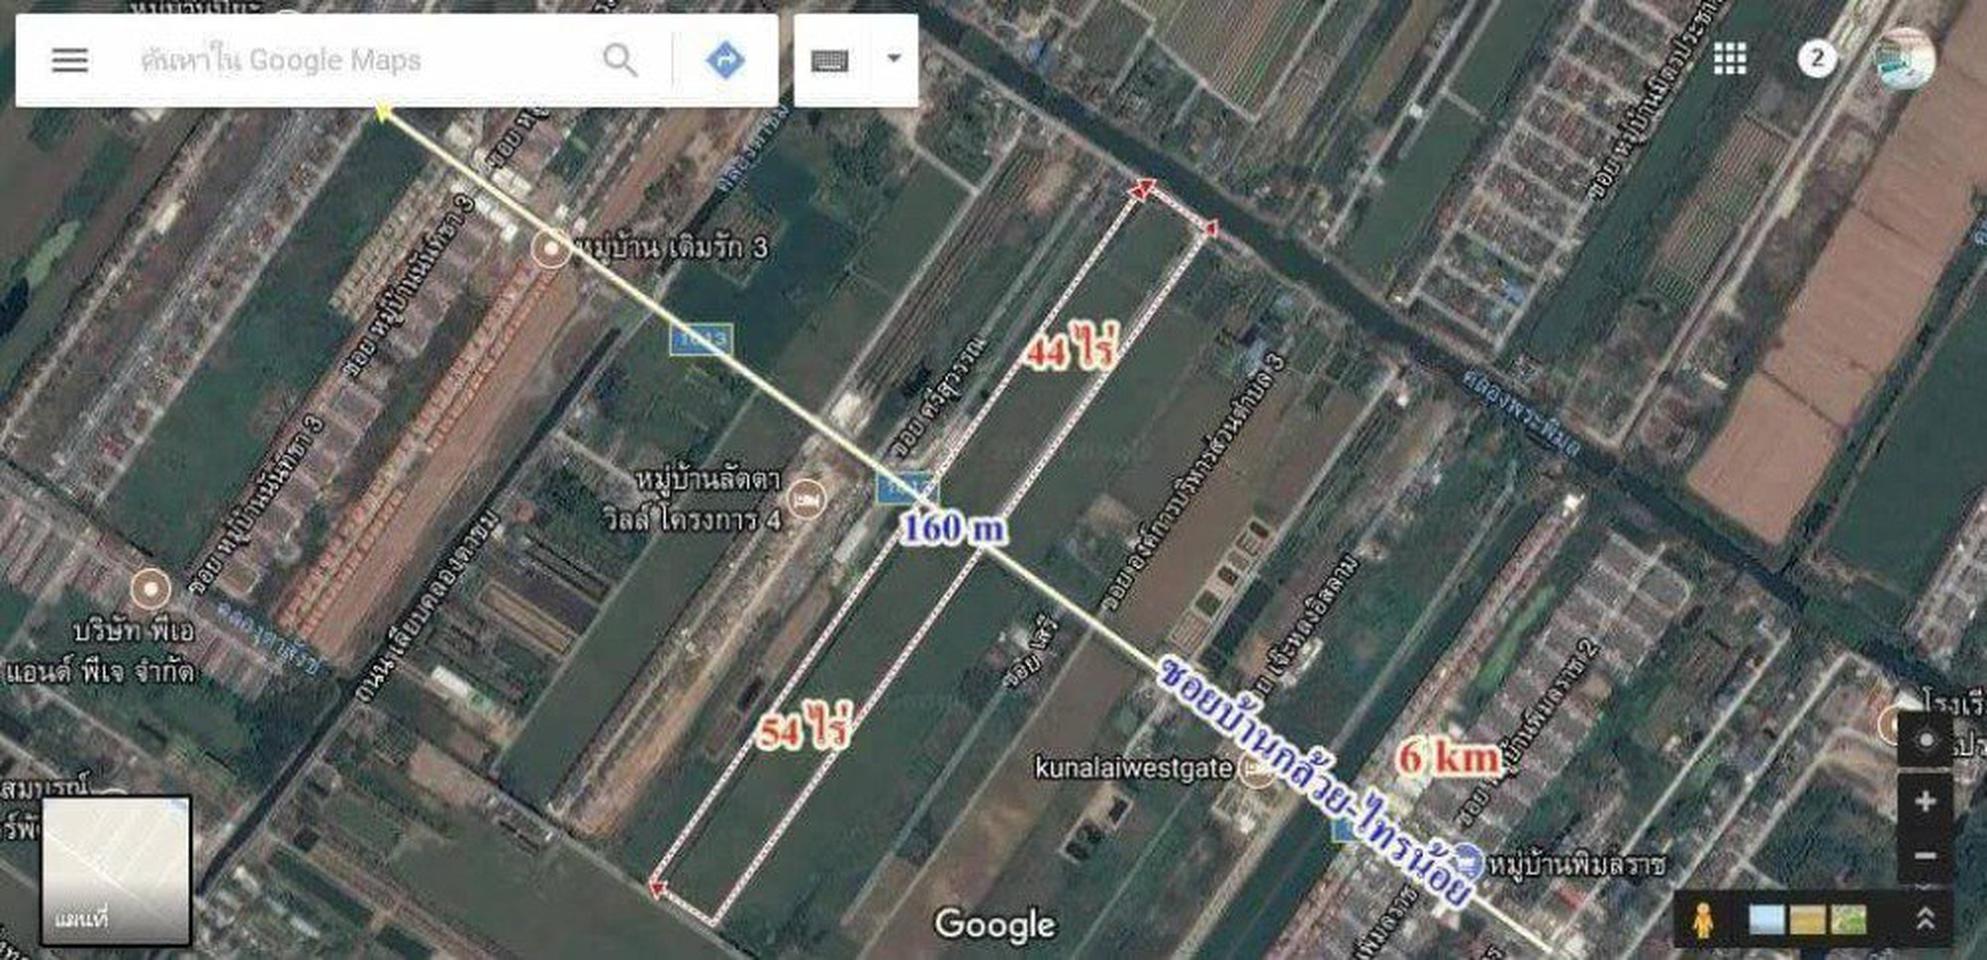 ขายที่ดินไทรน้อย 54ไร่ ติดถนนบ้านกล้วยไทรน้อย บางบัวทอง นนทบุรี ไร่ๆละ 5.5 ล้านาน  รูปที่ 1